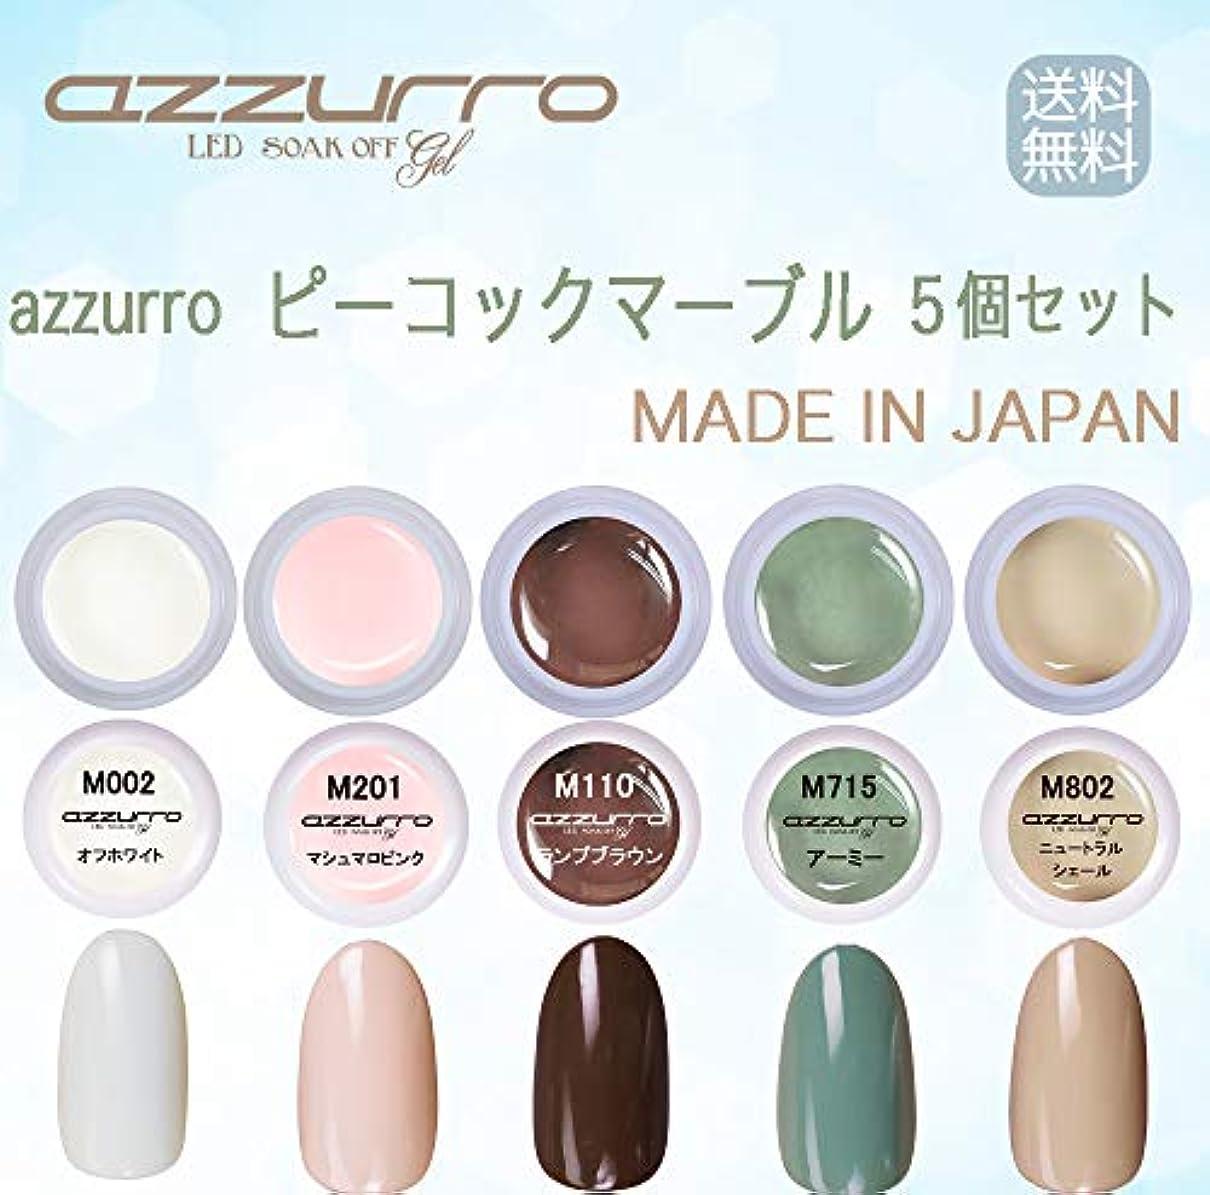 偽床を掃除するジャズ【送料無料】日本製 azzurro gel ピーコックマーブルカラージェル5個セット 簡単でおしゃれにアートができるフェザーマーブルカラー